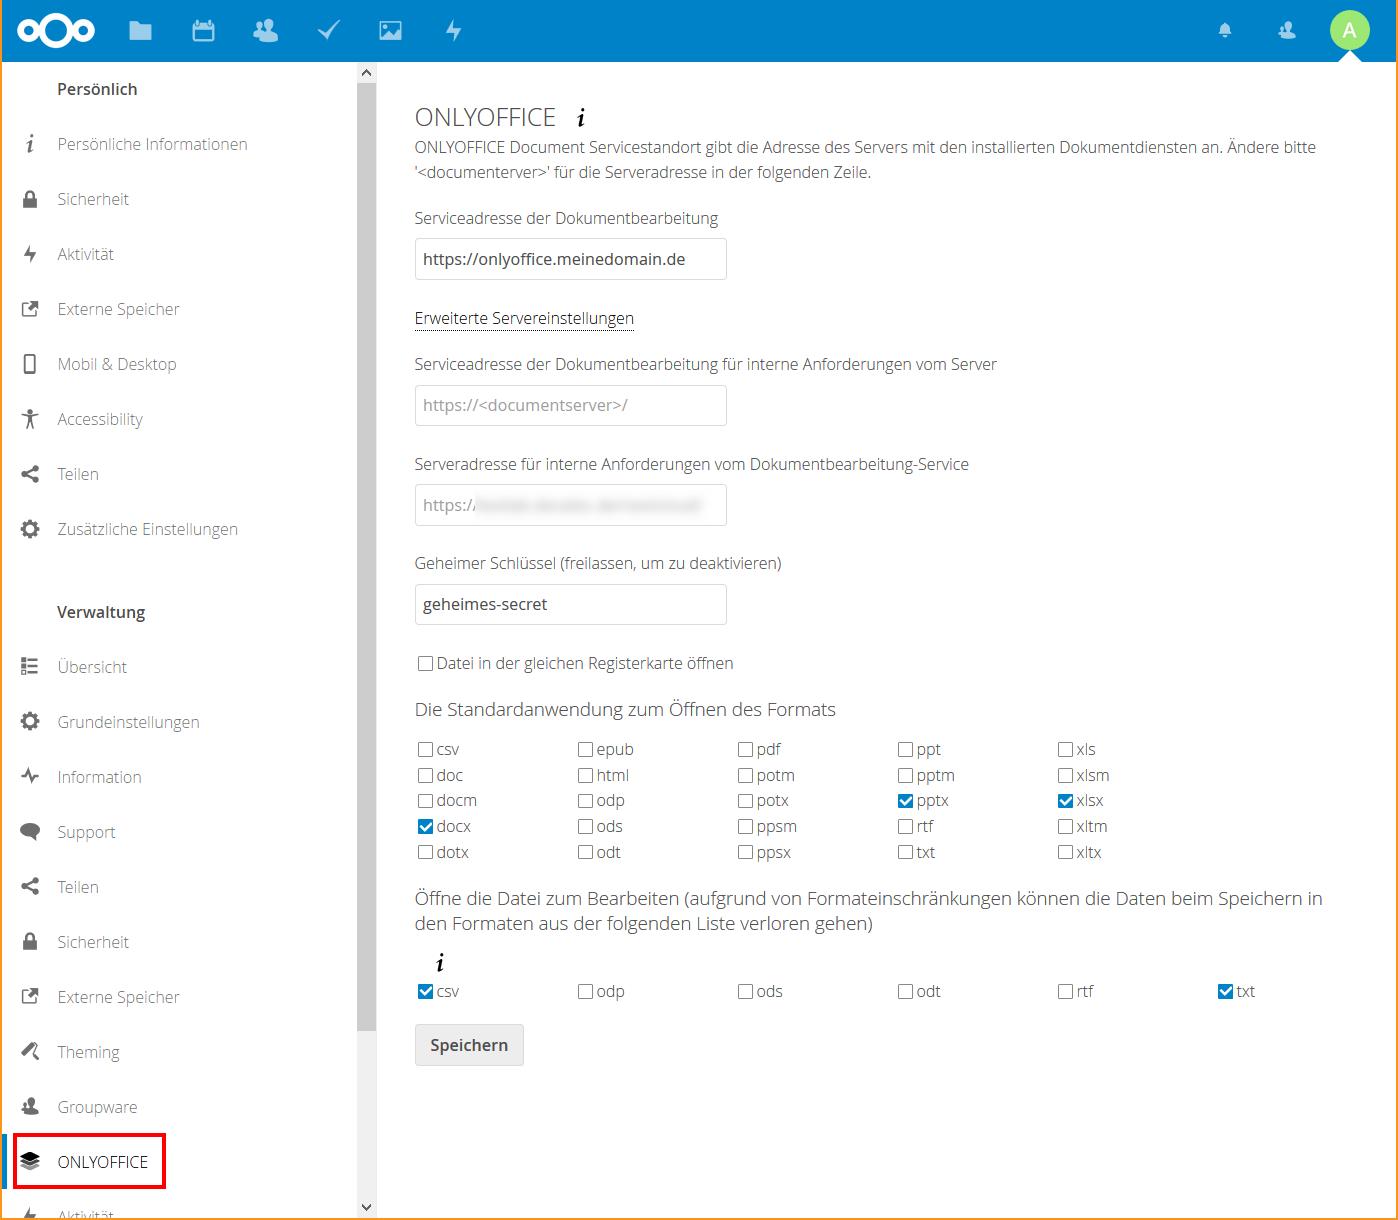 Nextcloud: Online-Office mit ONLYOFFICE (mit eigener